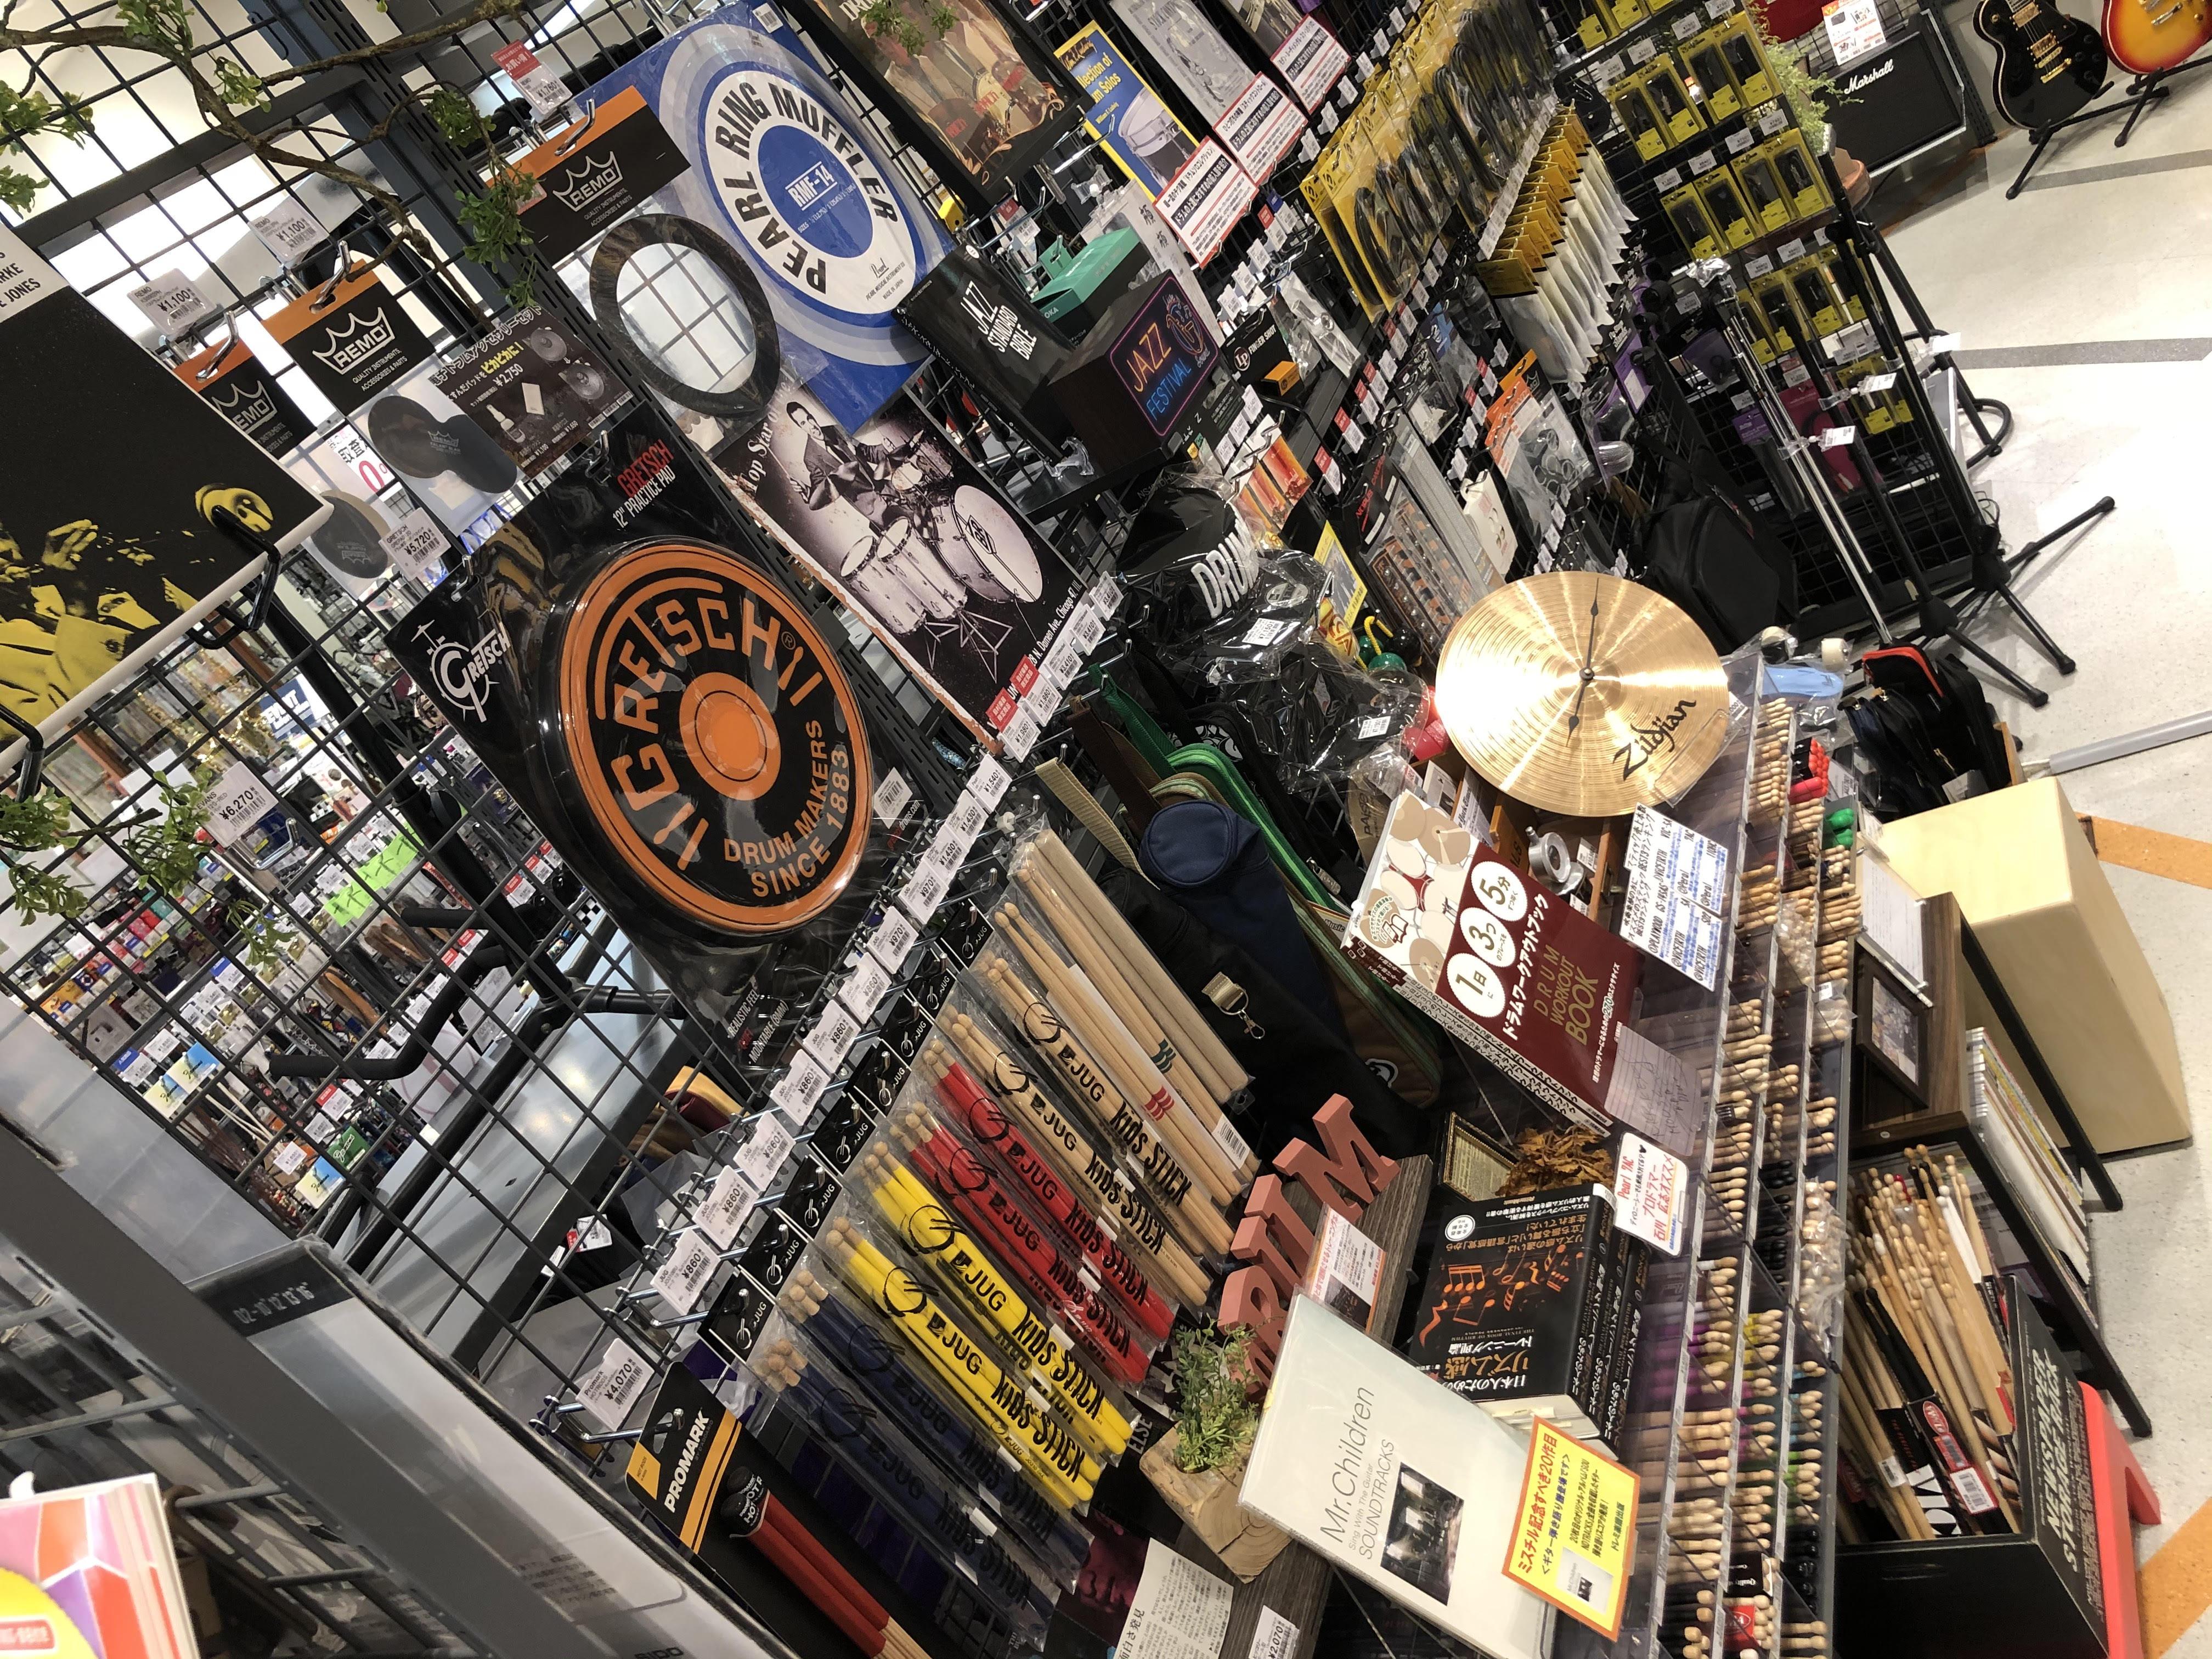 島村楽器 電子ドラム 初心者 選び方 千葉ニュータウン ヤマハ ローランド ATV YAMAHA Roland ドラムスティック